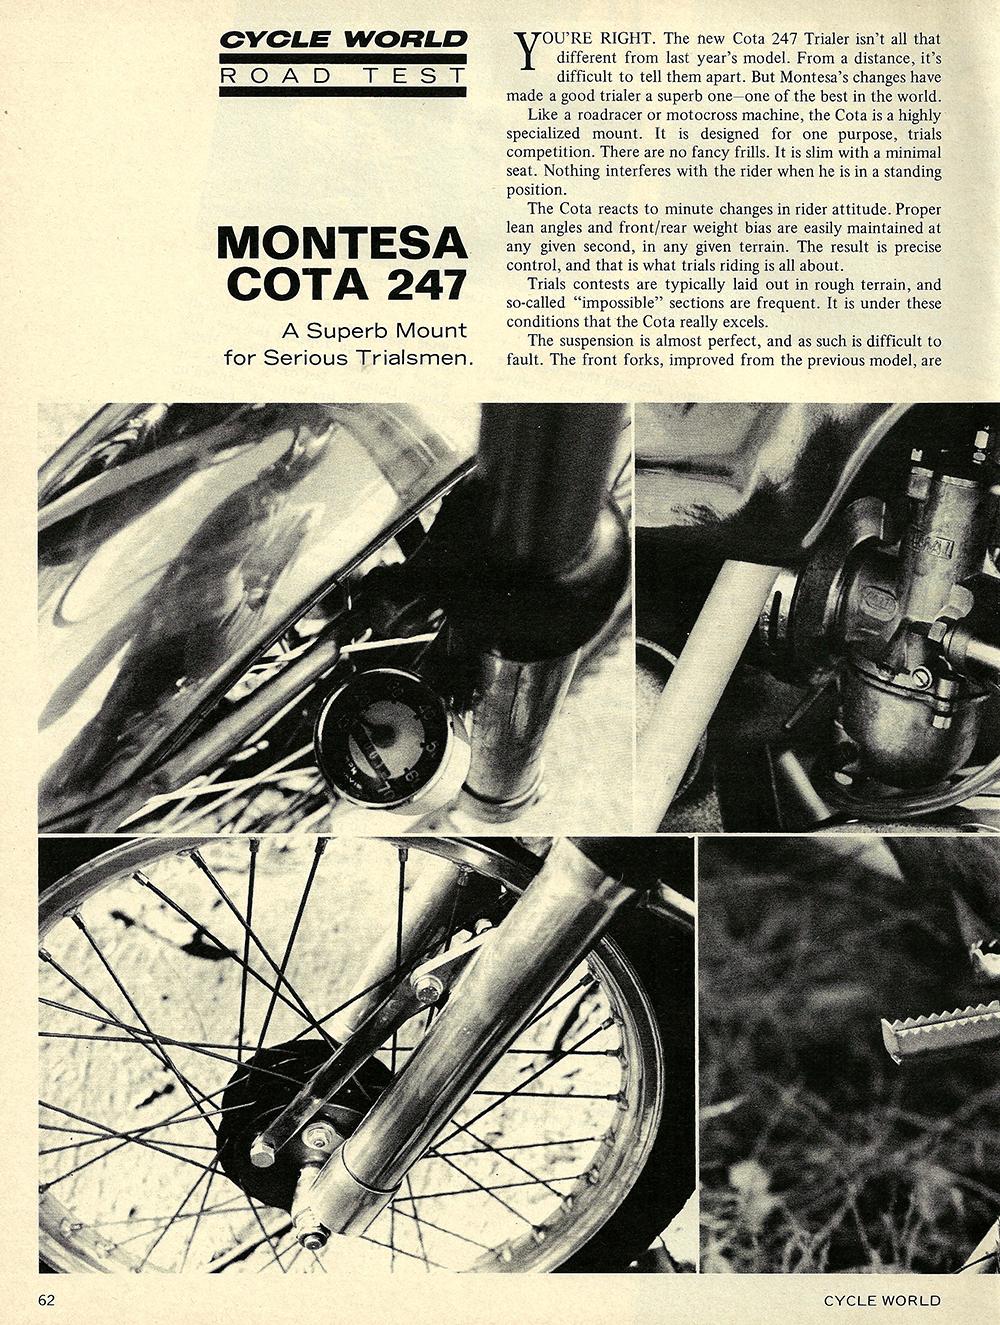 1971 Montesa Cota 247 road test 01.jpg